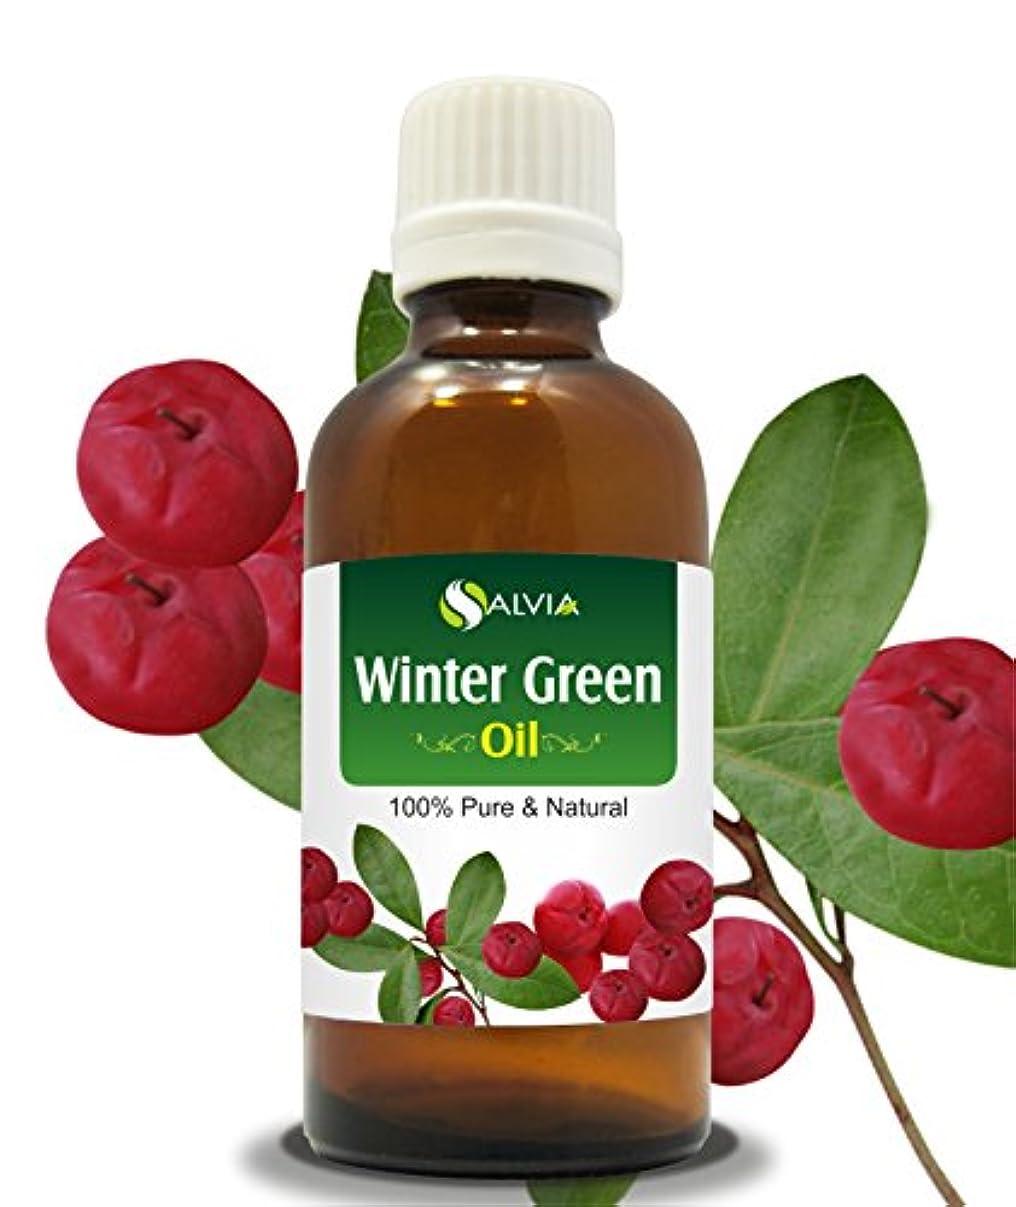 違反するビスケット取るに足らないWINTER GREEN OIL 100% NATURAL PURE UNDILUTED UNCUT ESSENTIAL OIL 30ML